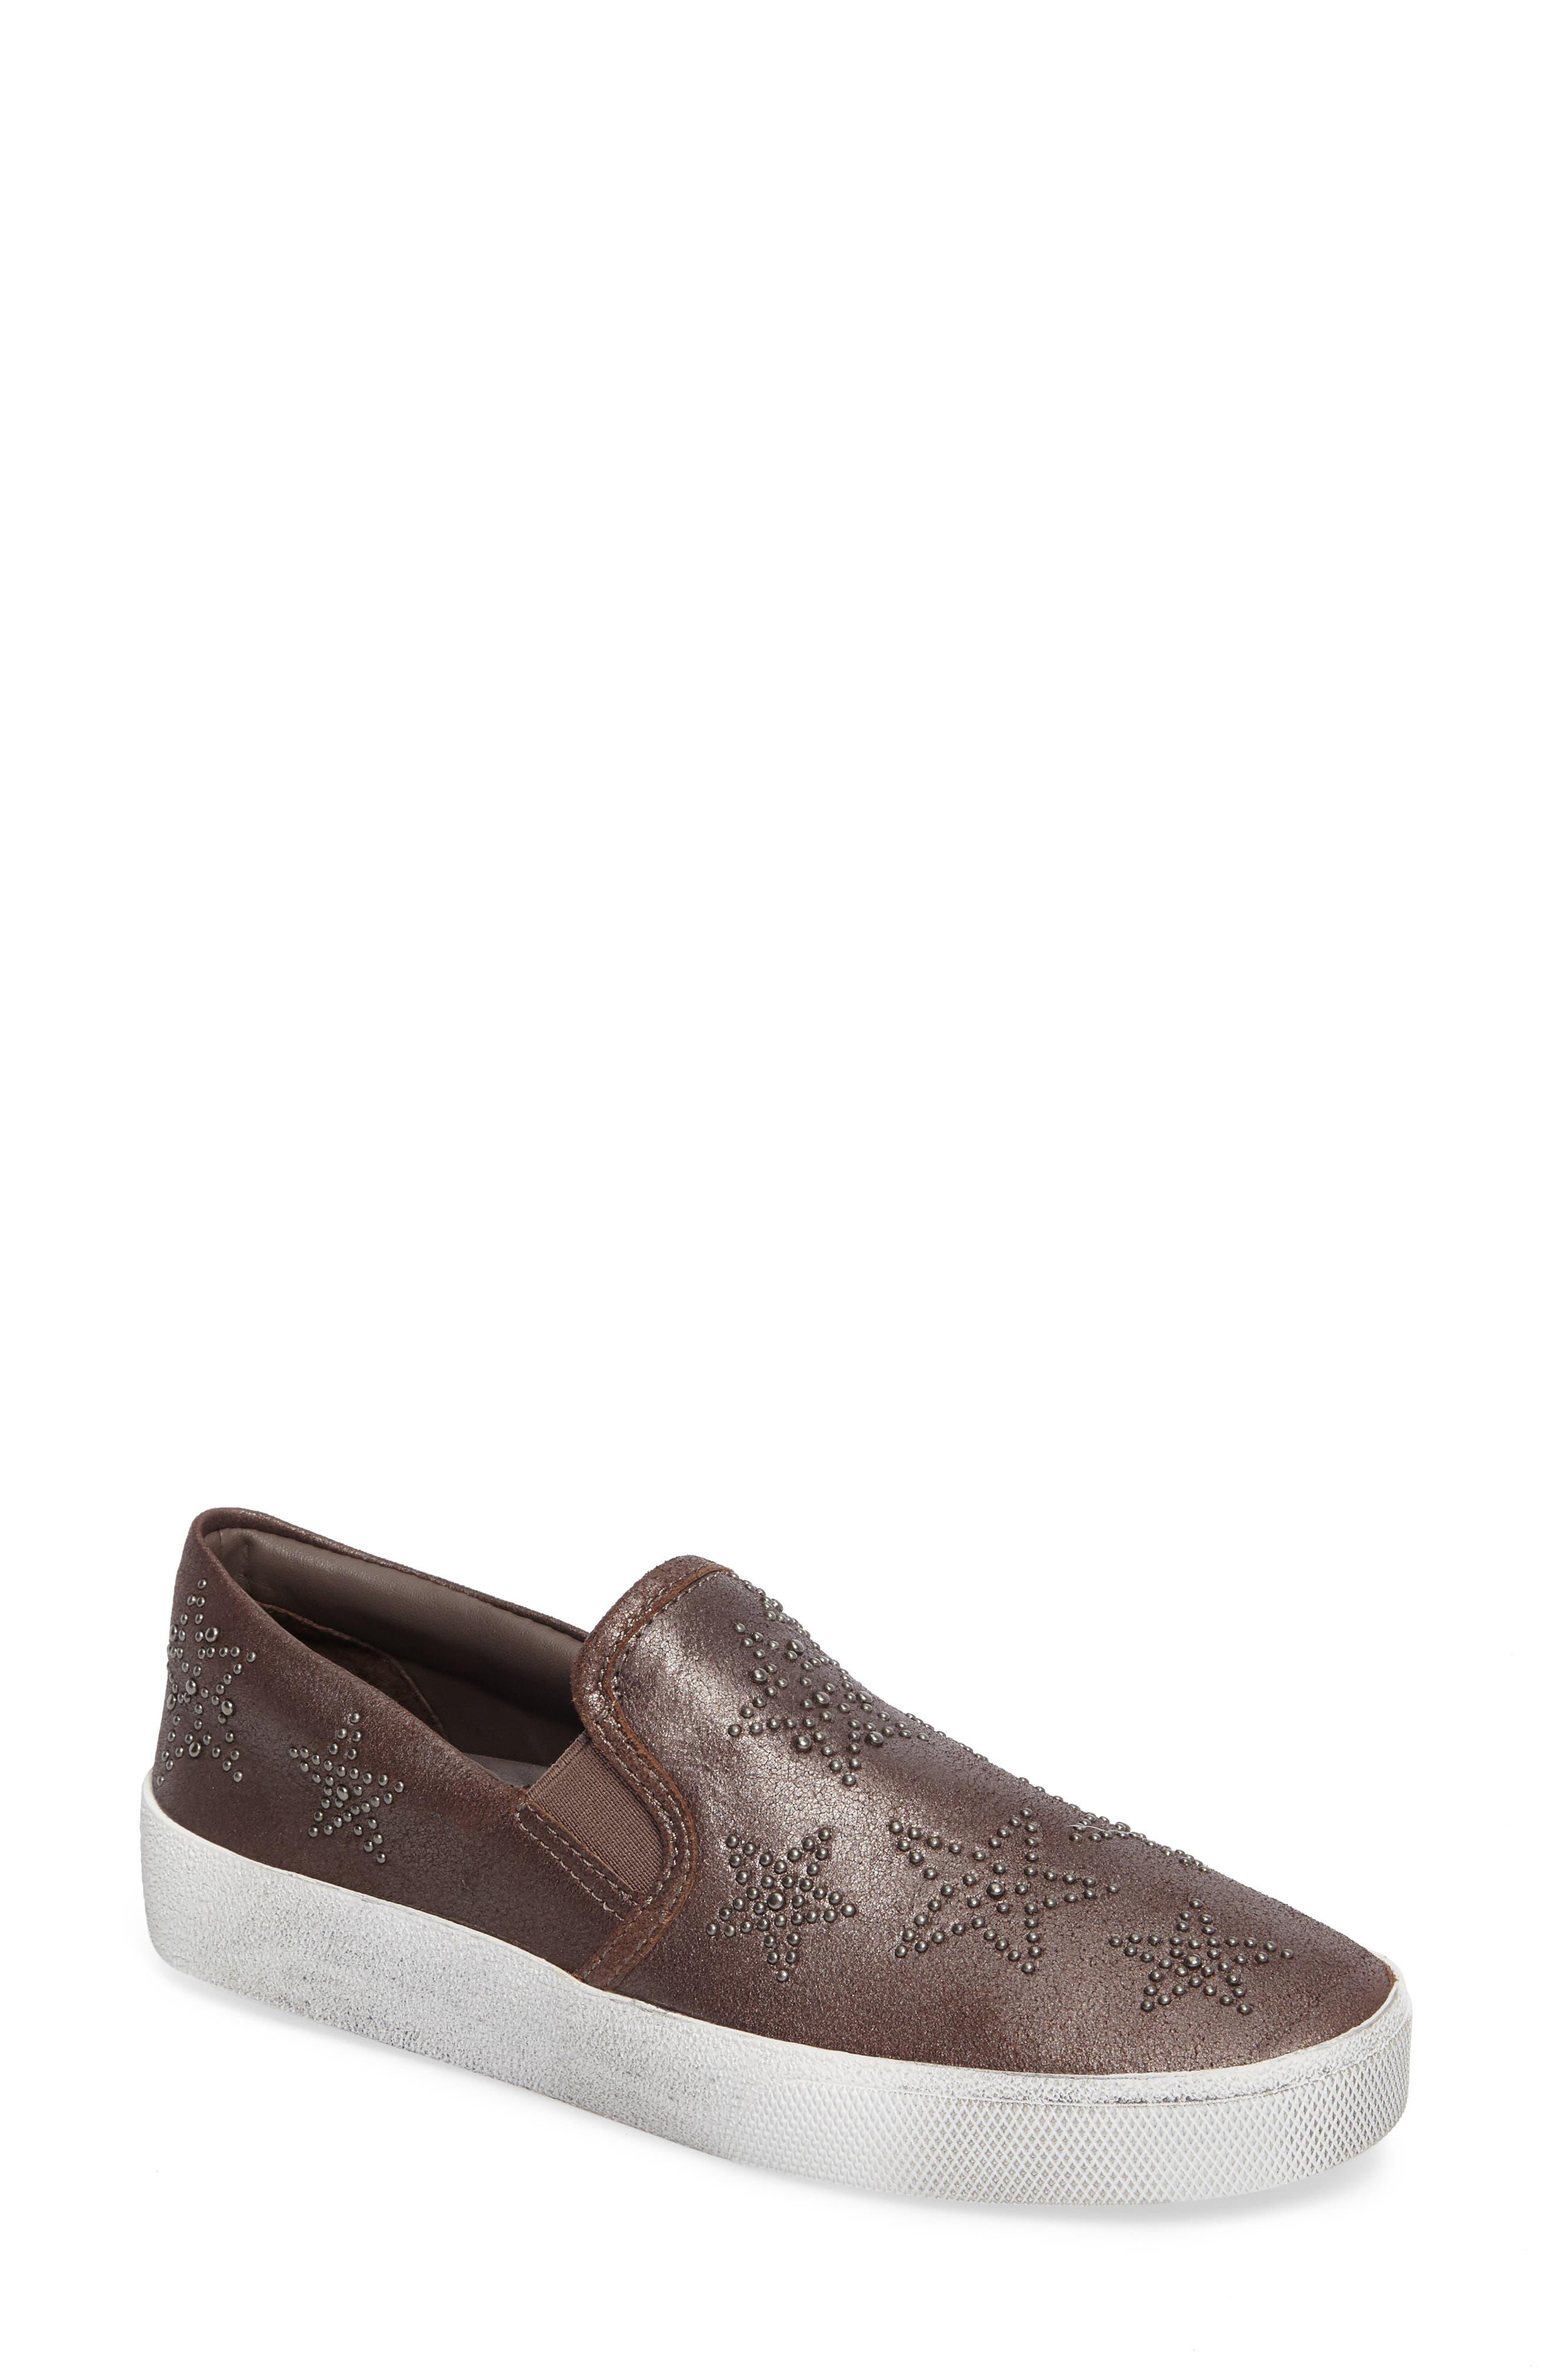 Star Slip-On Sneaker,                             Main thumbnail 1, color,                             Bronze